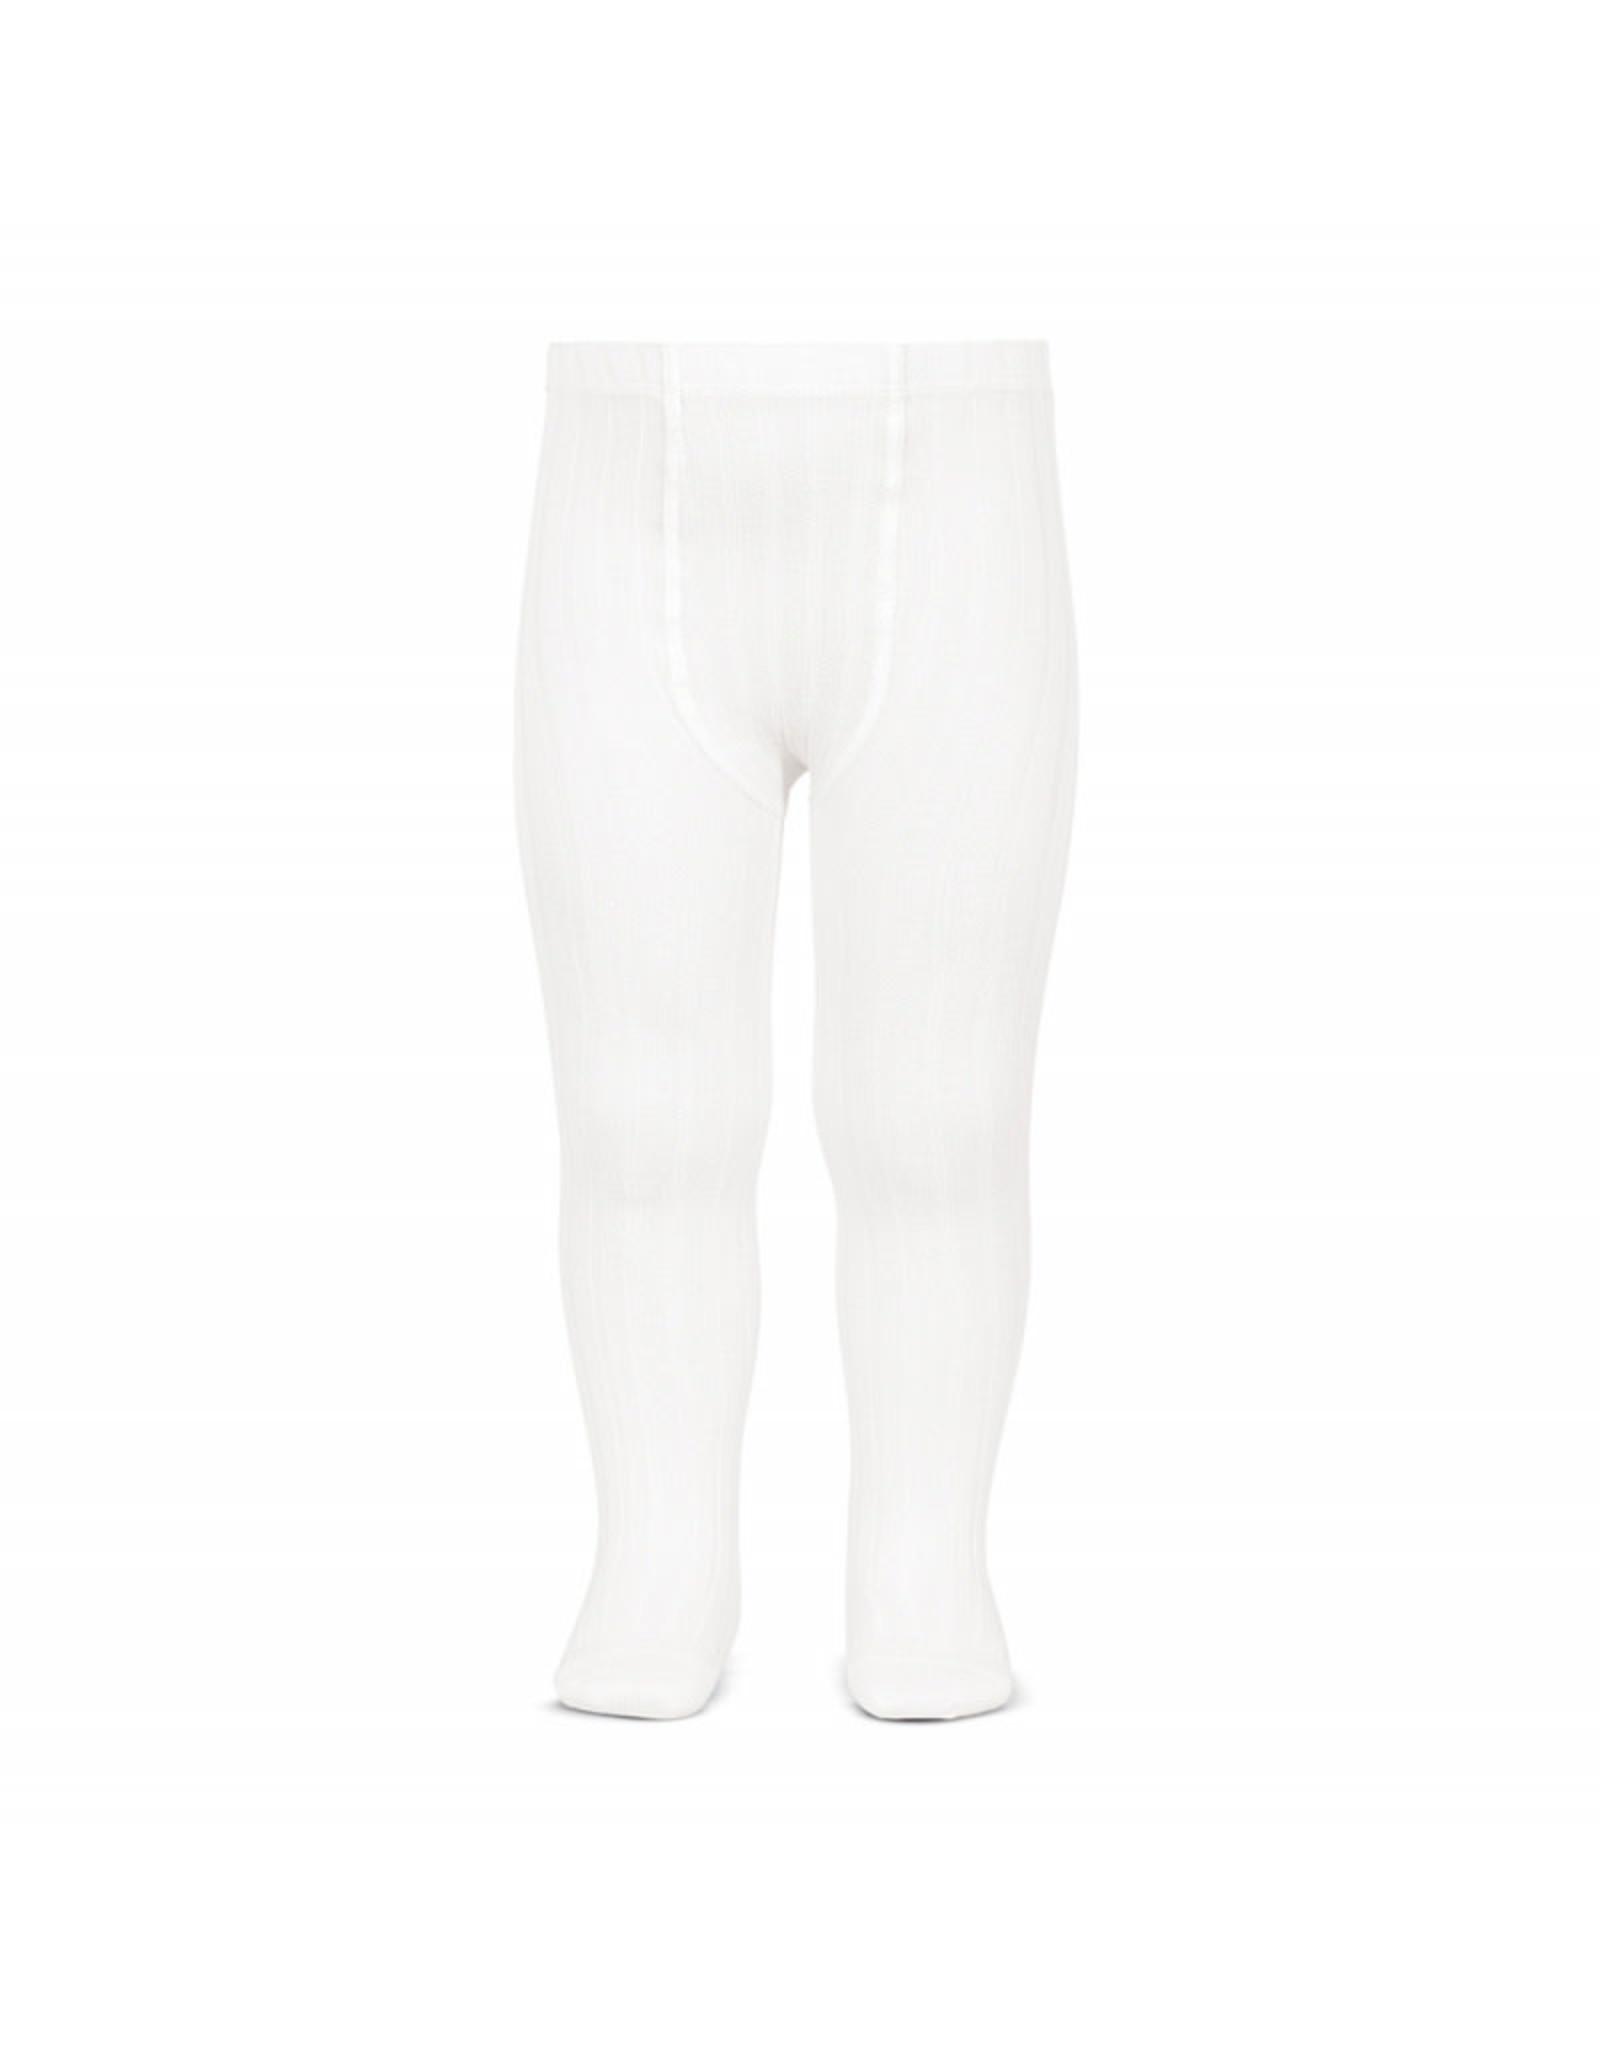 CONDOR White Rib Tights